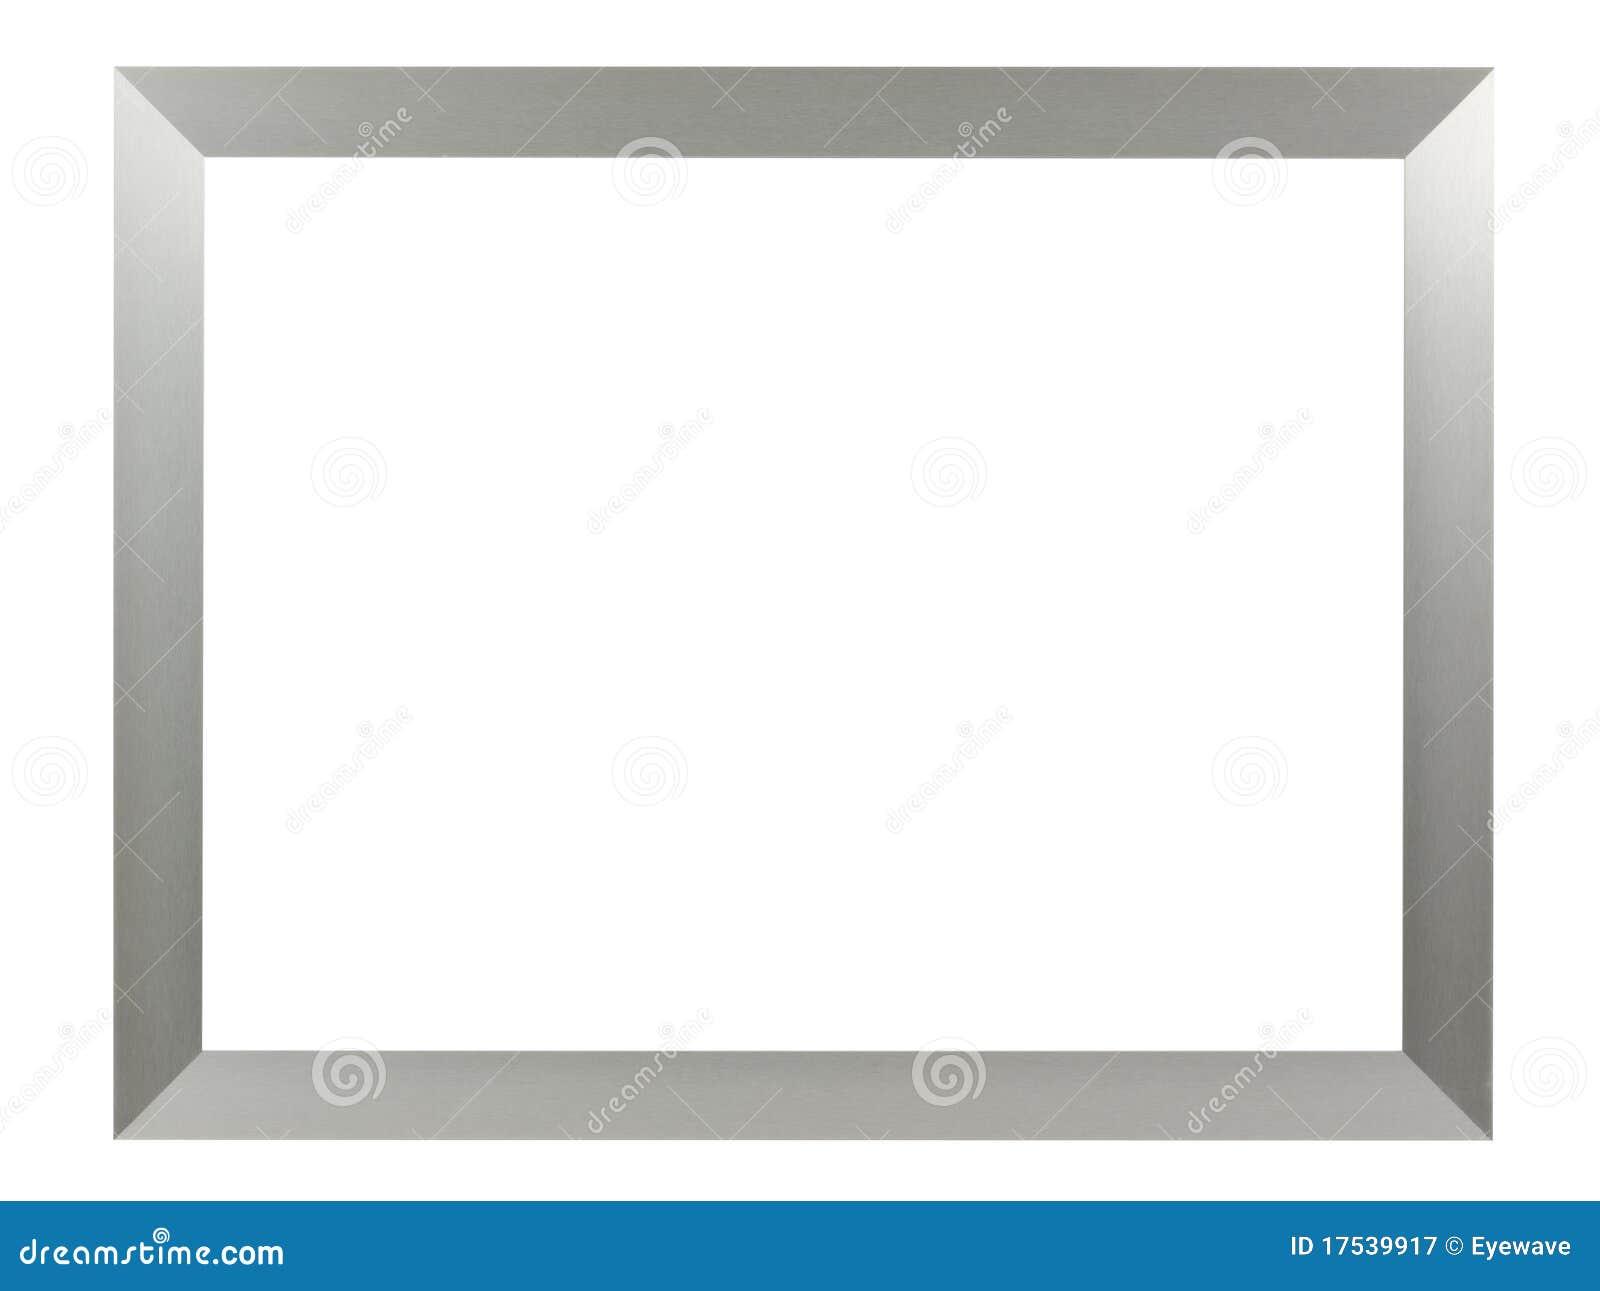 Marco de aluminio de plata imagen de archivo. Imagen de marco - 17539917